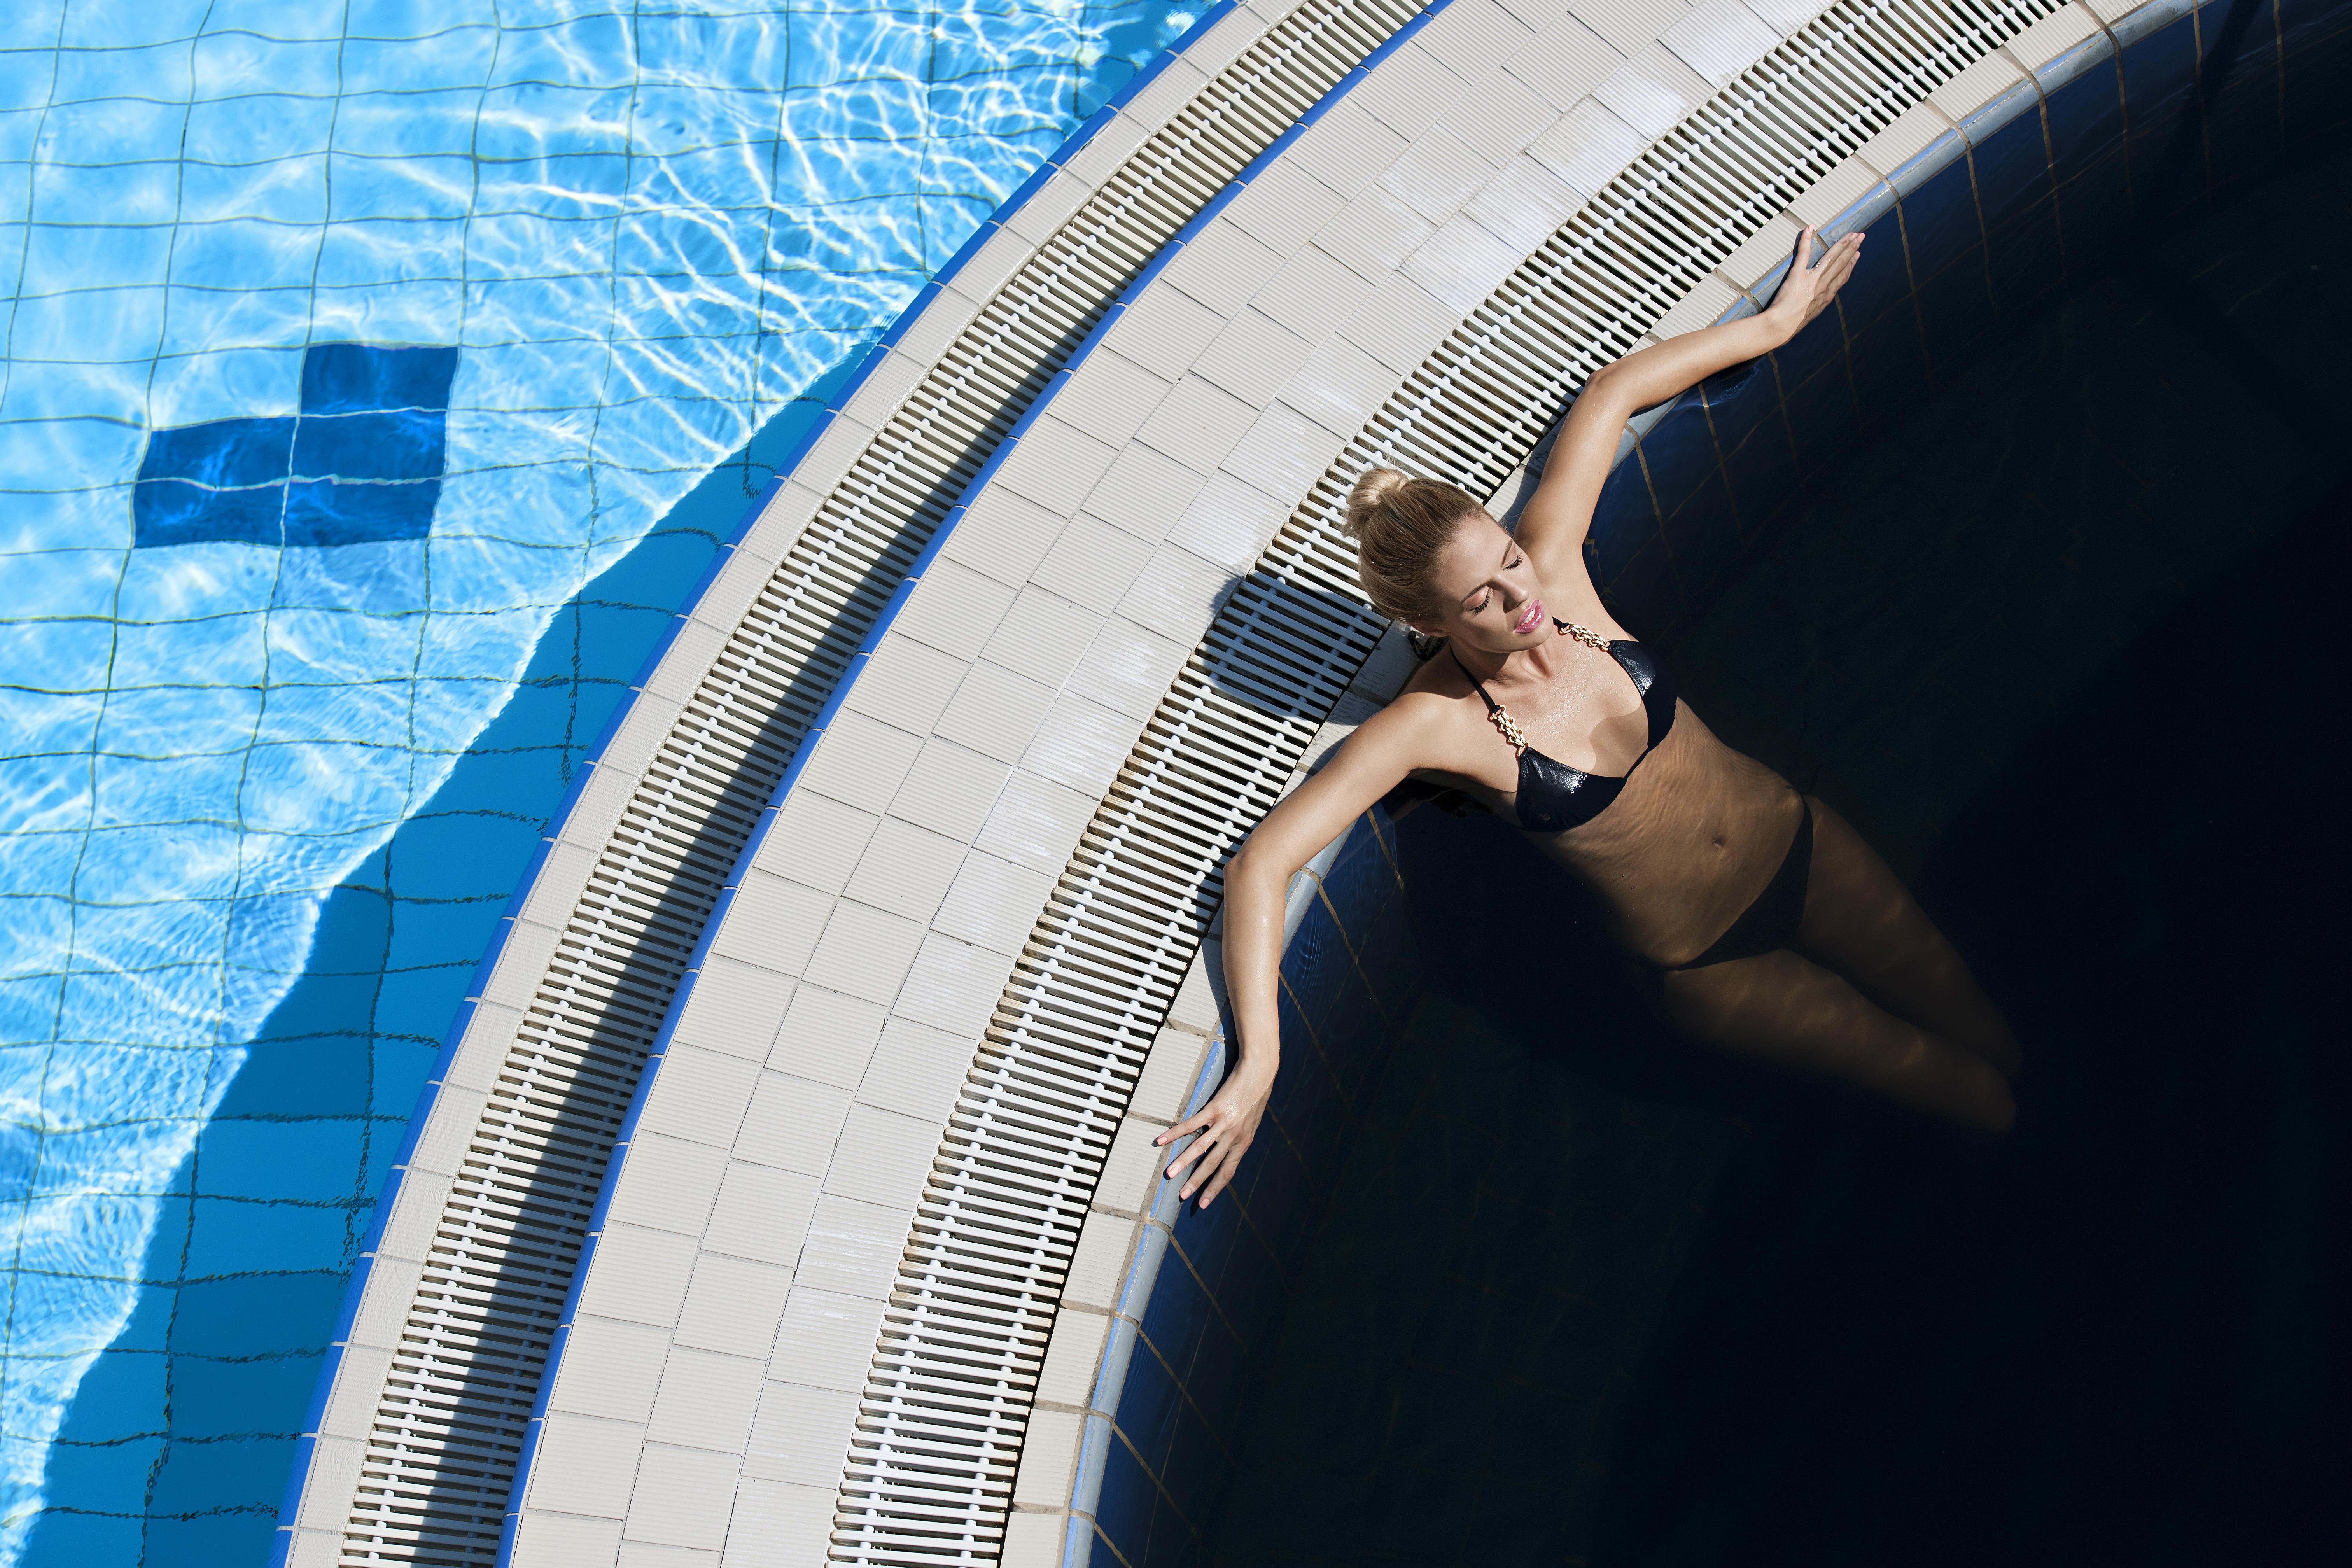 F000541-stb_641_terme_3000_moravske_toplice_spas_and_health_resorts_photo_dean_dubokovic_orig_jpg-photo-l